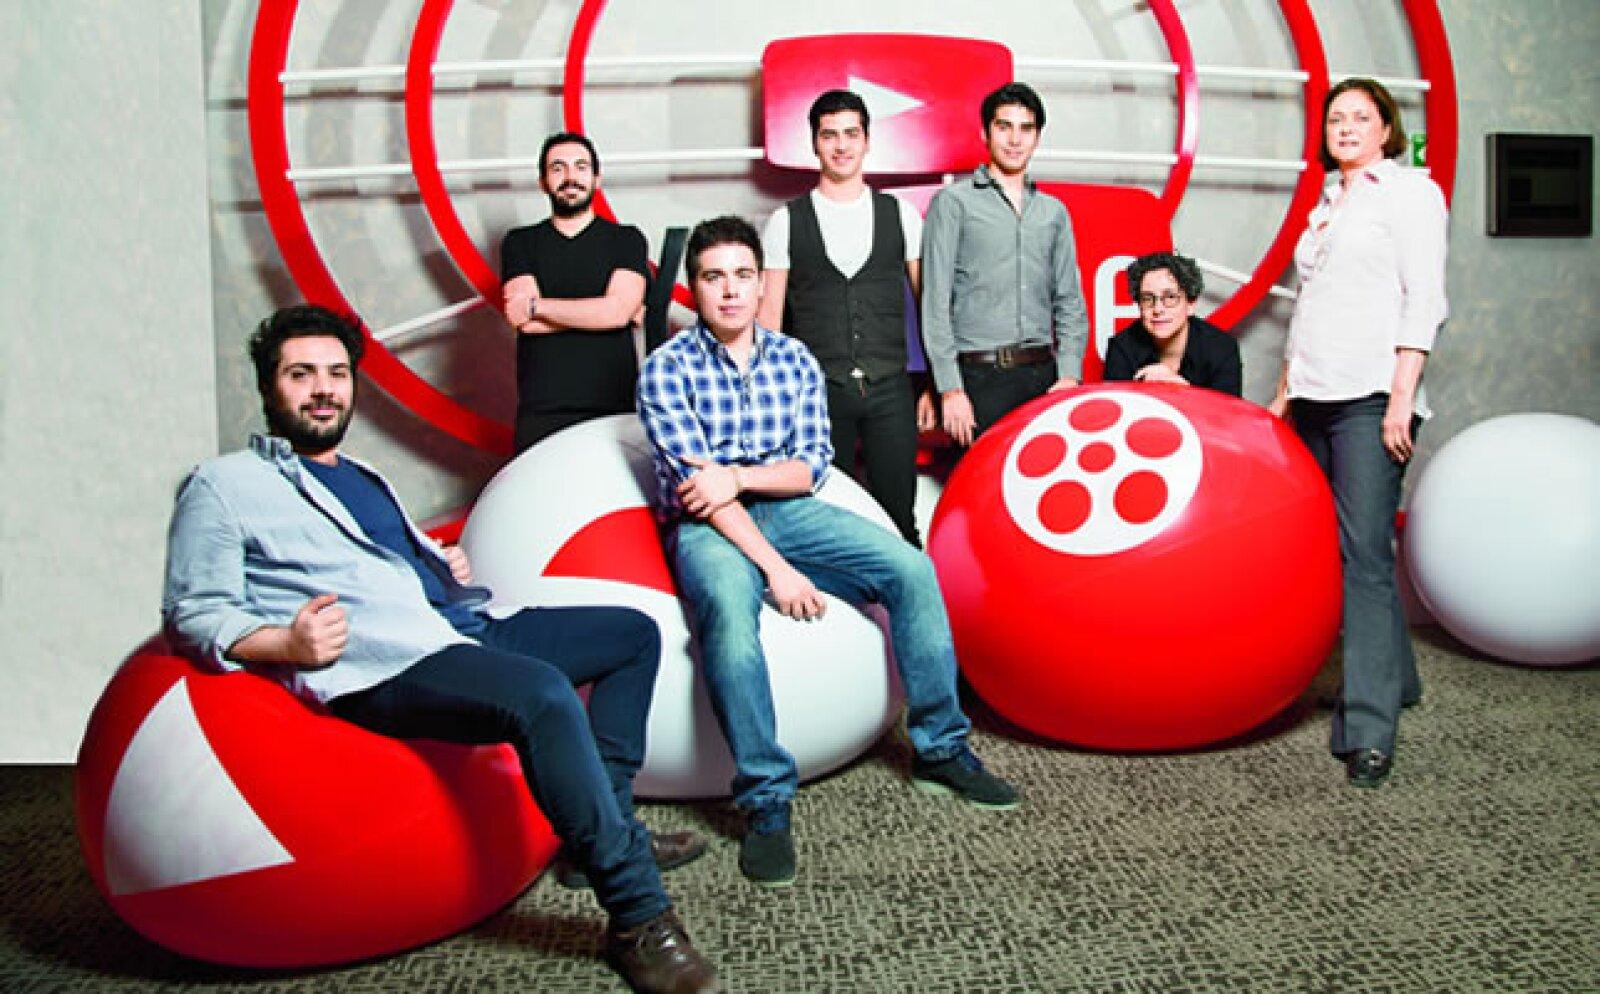 Cinco productores mexicanos independientes de contenido audiovisual dimensionan el potencial de negocios que ofrece YouTube. Desde 2010 la plataforma de videos  puso en marcha un programa con el que entrega a determinados  socios -elegidos por el número d